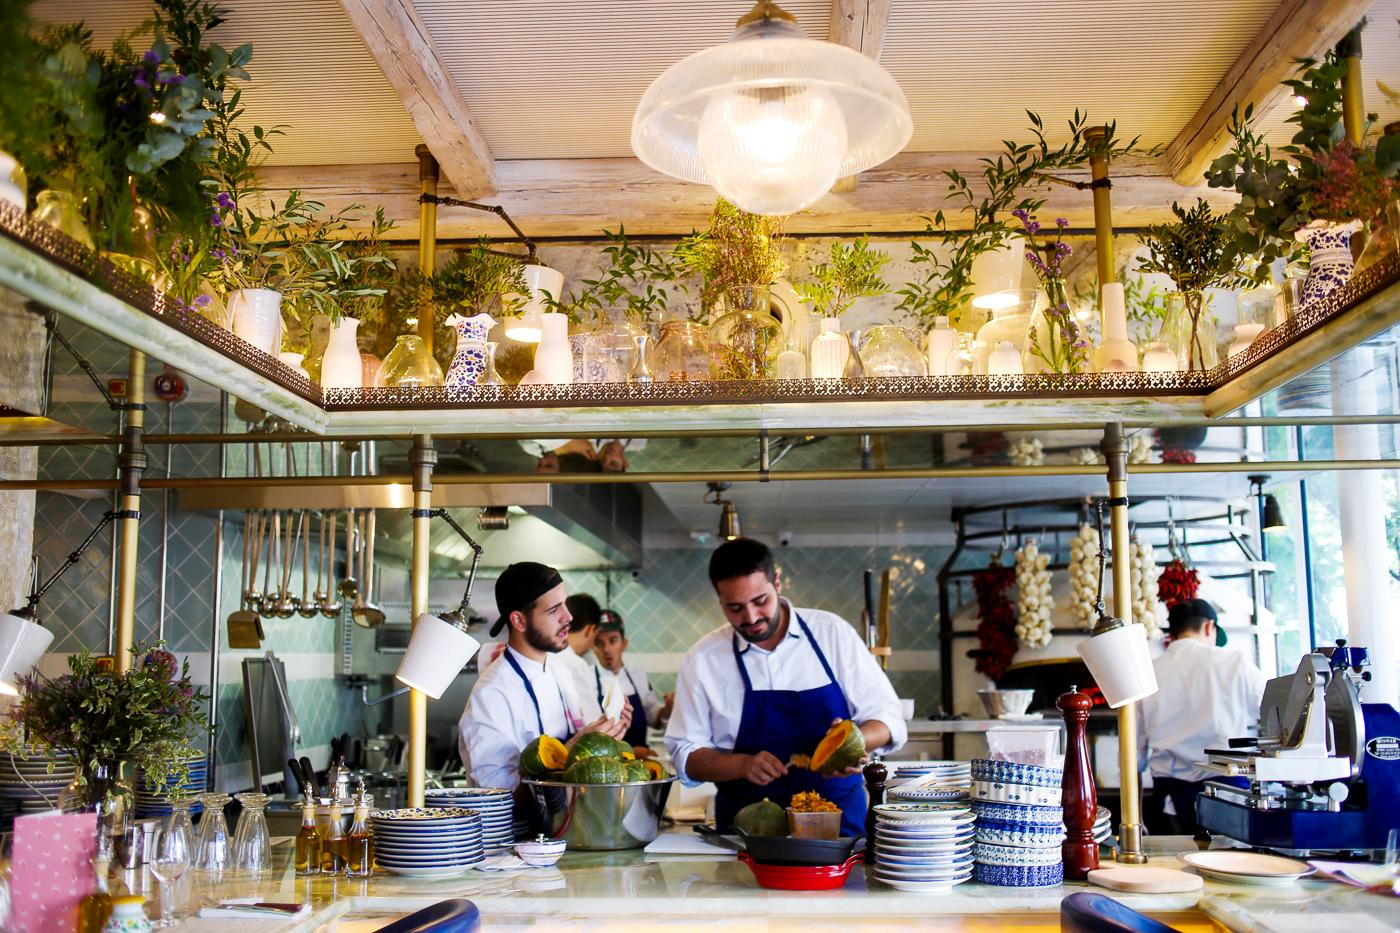 Chef Ciro Christiano et un employé dans les cuisines ouvertes du Mamma Primi